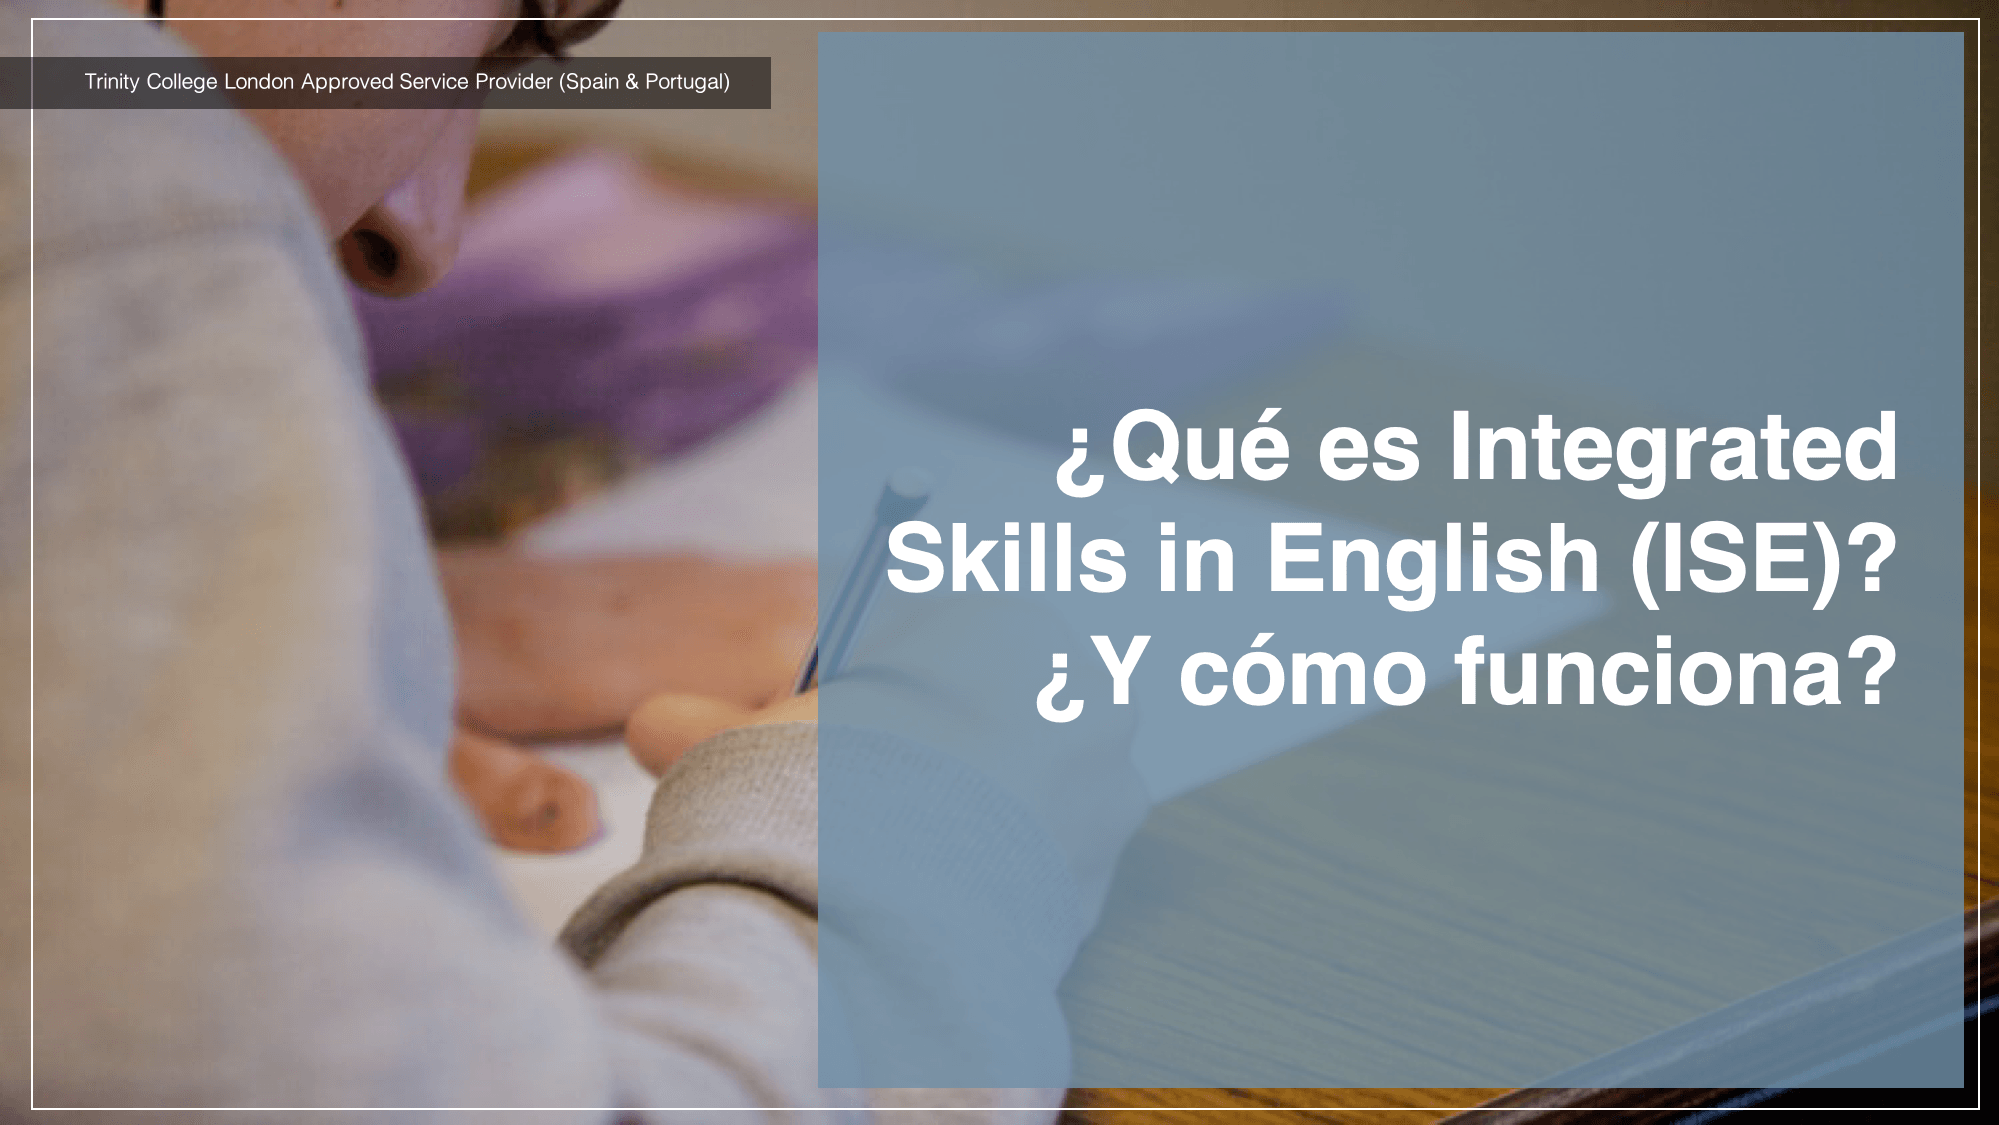 ¿Qué es Integrated Skills in English (ISE)? ¿Y cómo funciona?